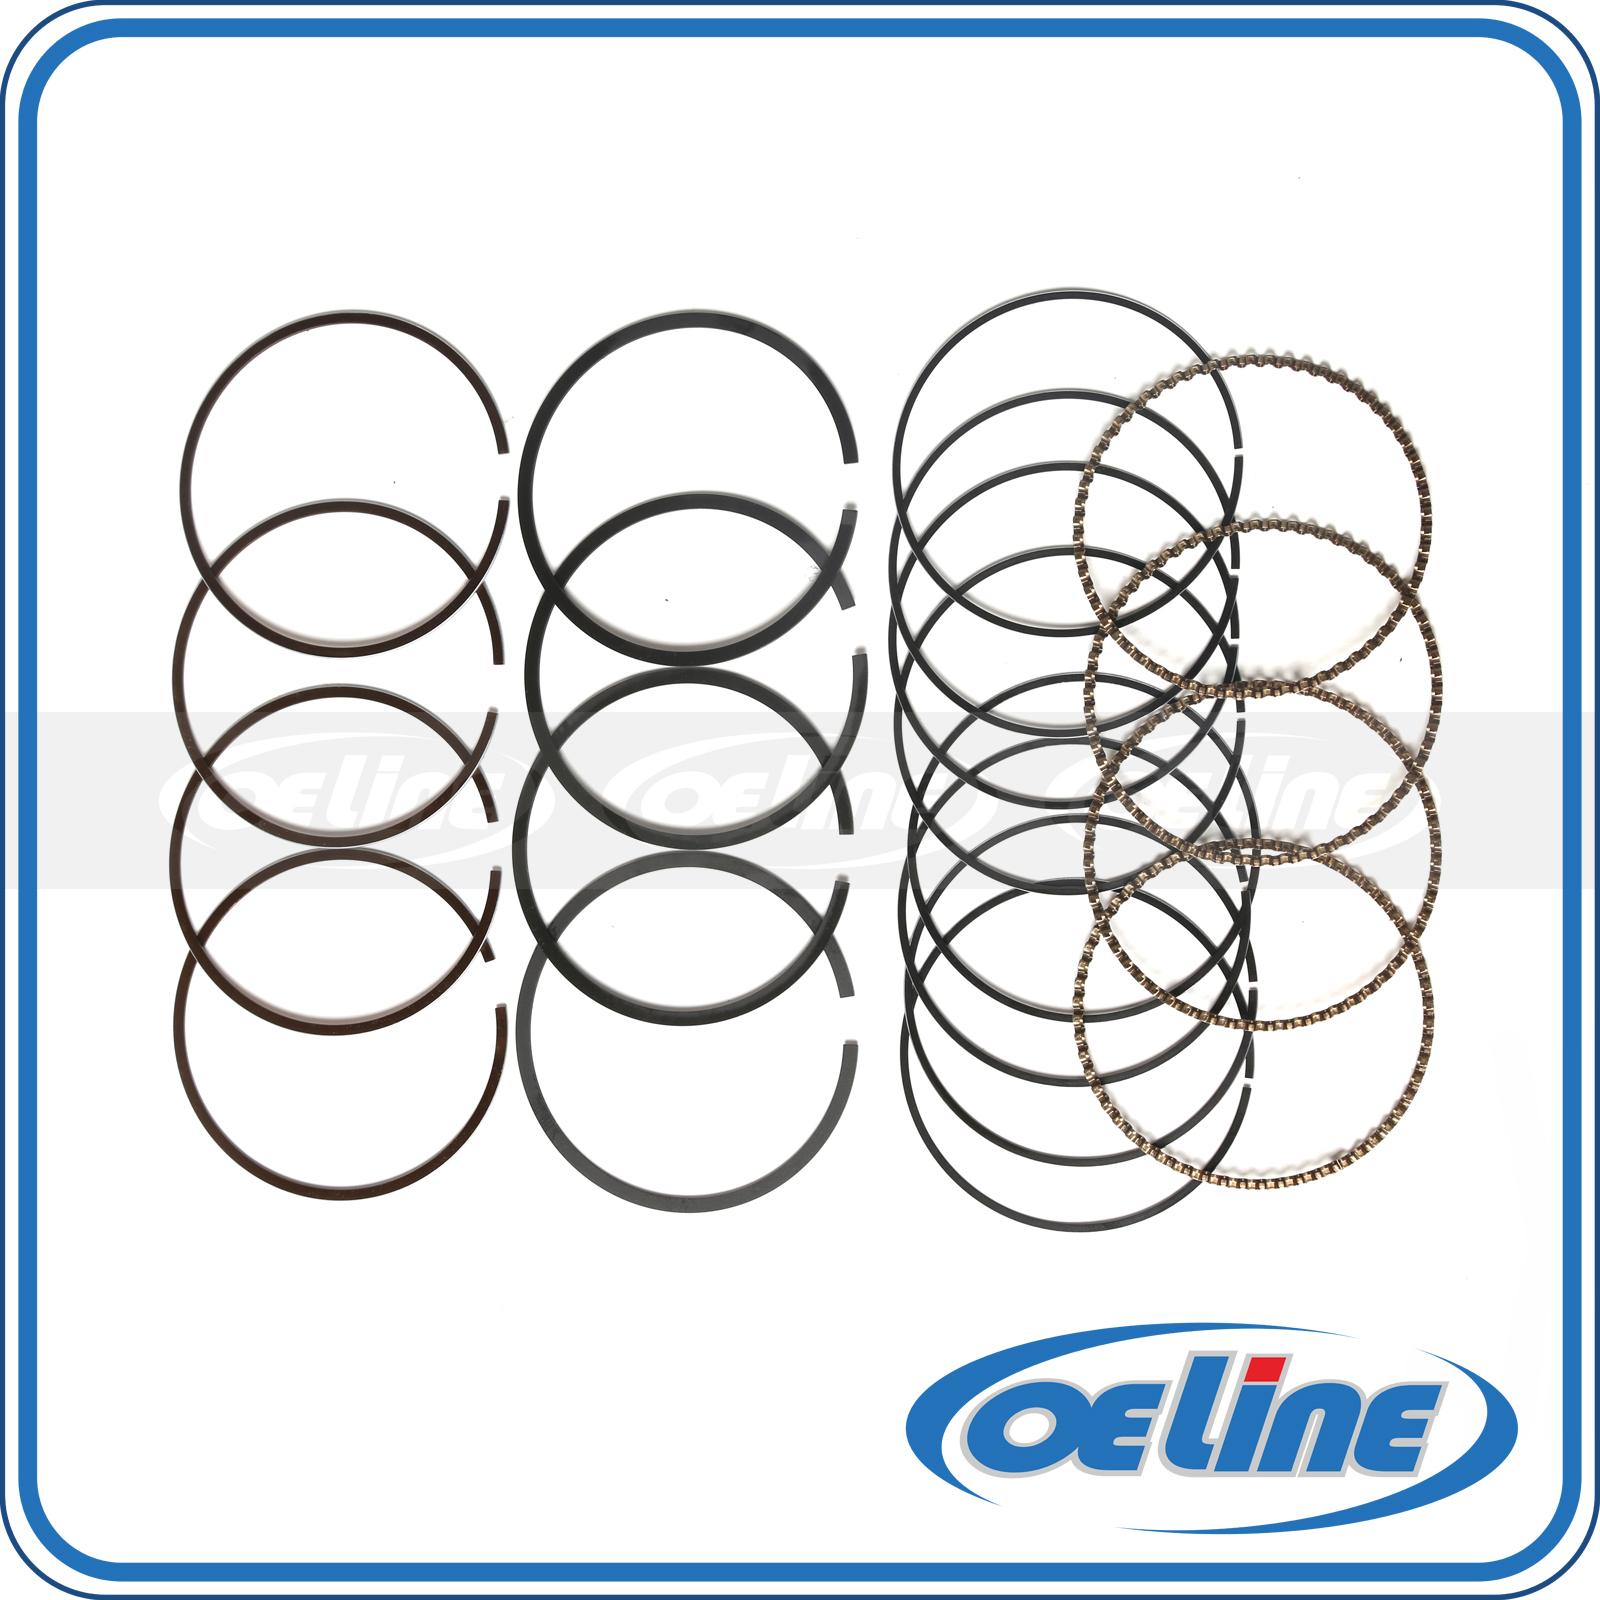 piston rings 030 size for 85 95 toyota 4runner pickup celica 2 4l Toyota 4Runner V8 Conversion piston rings 030 size for 85 95 toyota 4runner pickup celica 2 4l 22r 22re 22rec